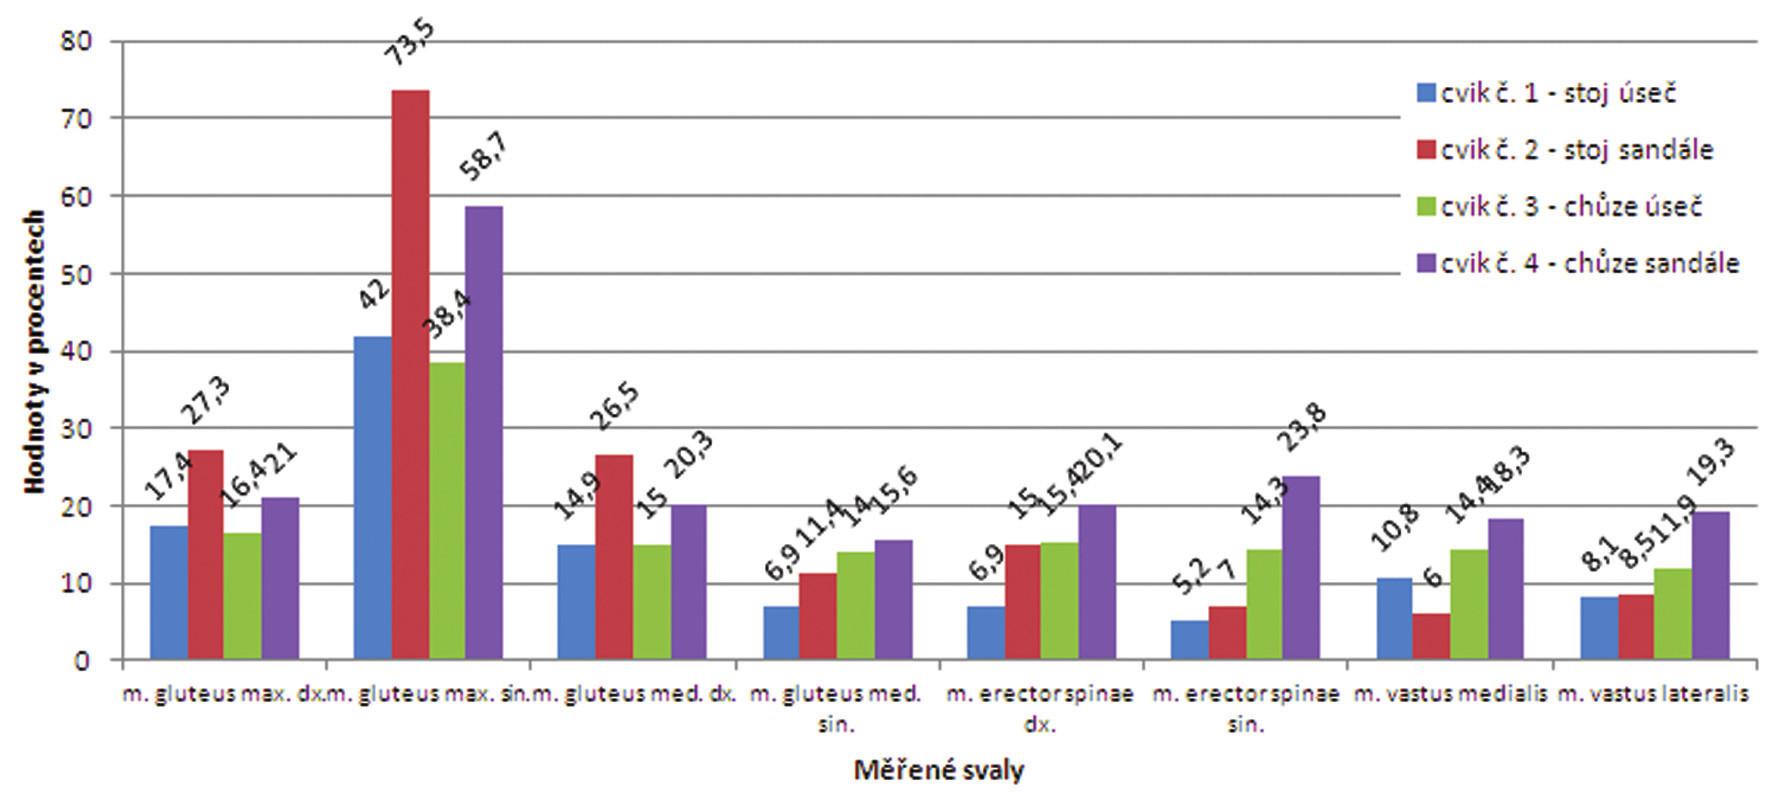 Proband č. 5 - hodnoty % MVC u všech cviků.